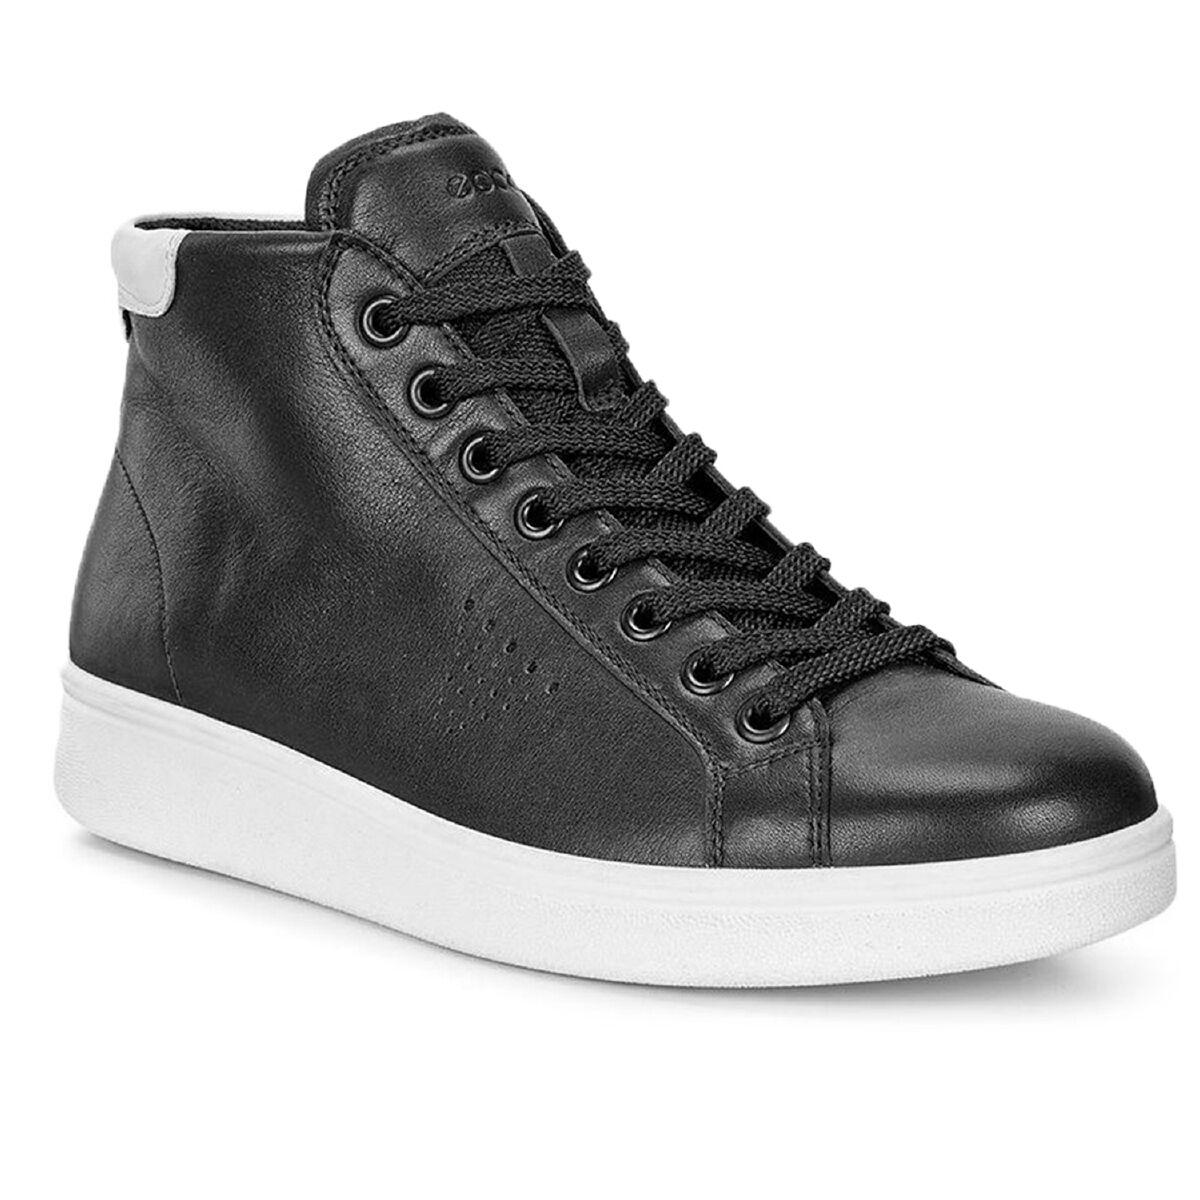 Ecco Soft 4 mid damas Zapatos señora cuero High Top cortos negro 218043-50669